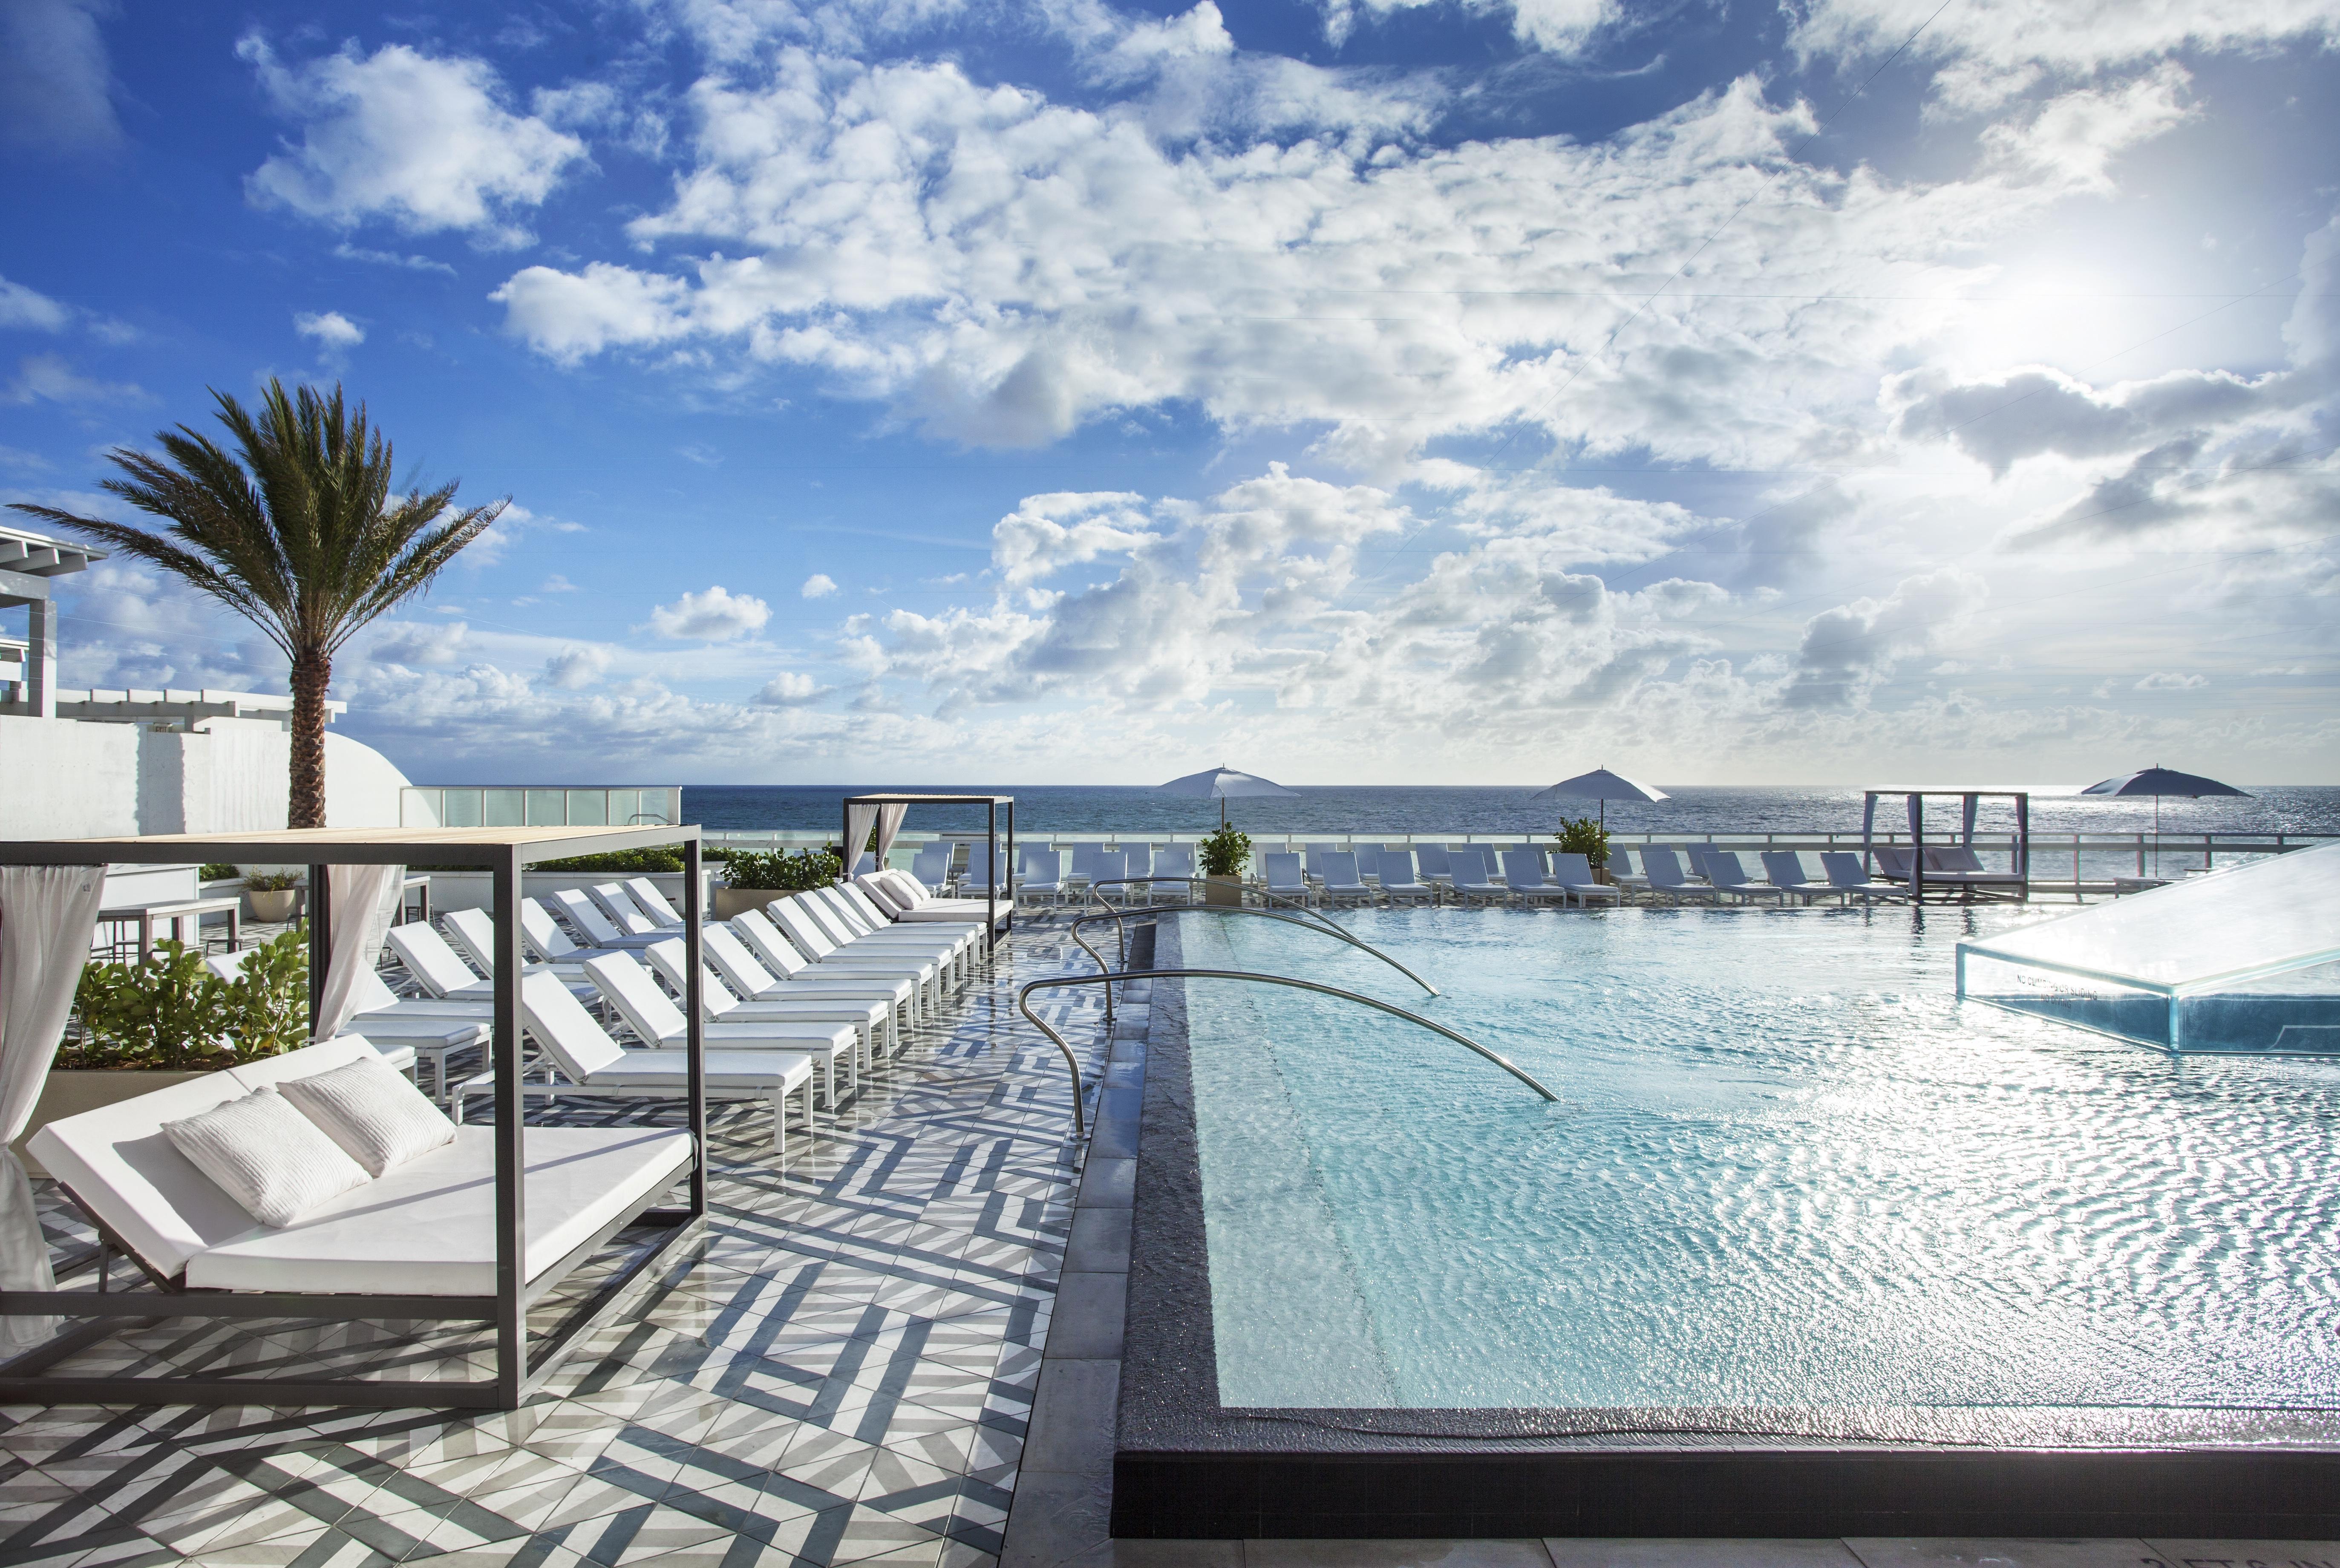 Fort Lauderdale Best Hotel Pool